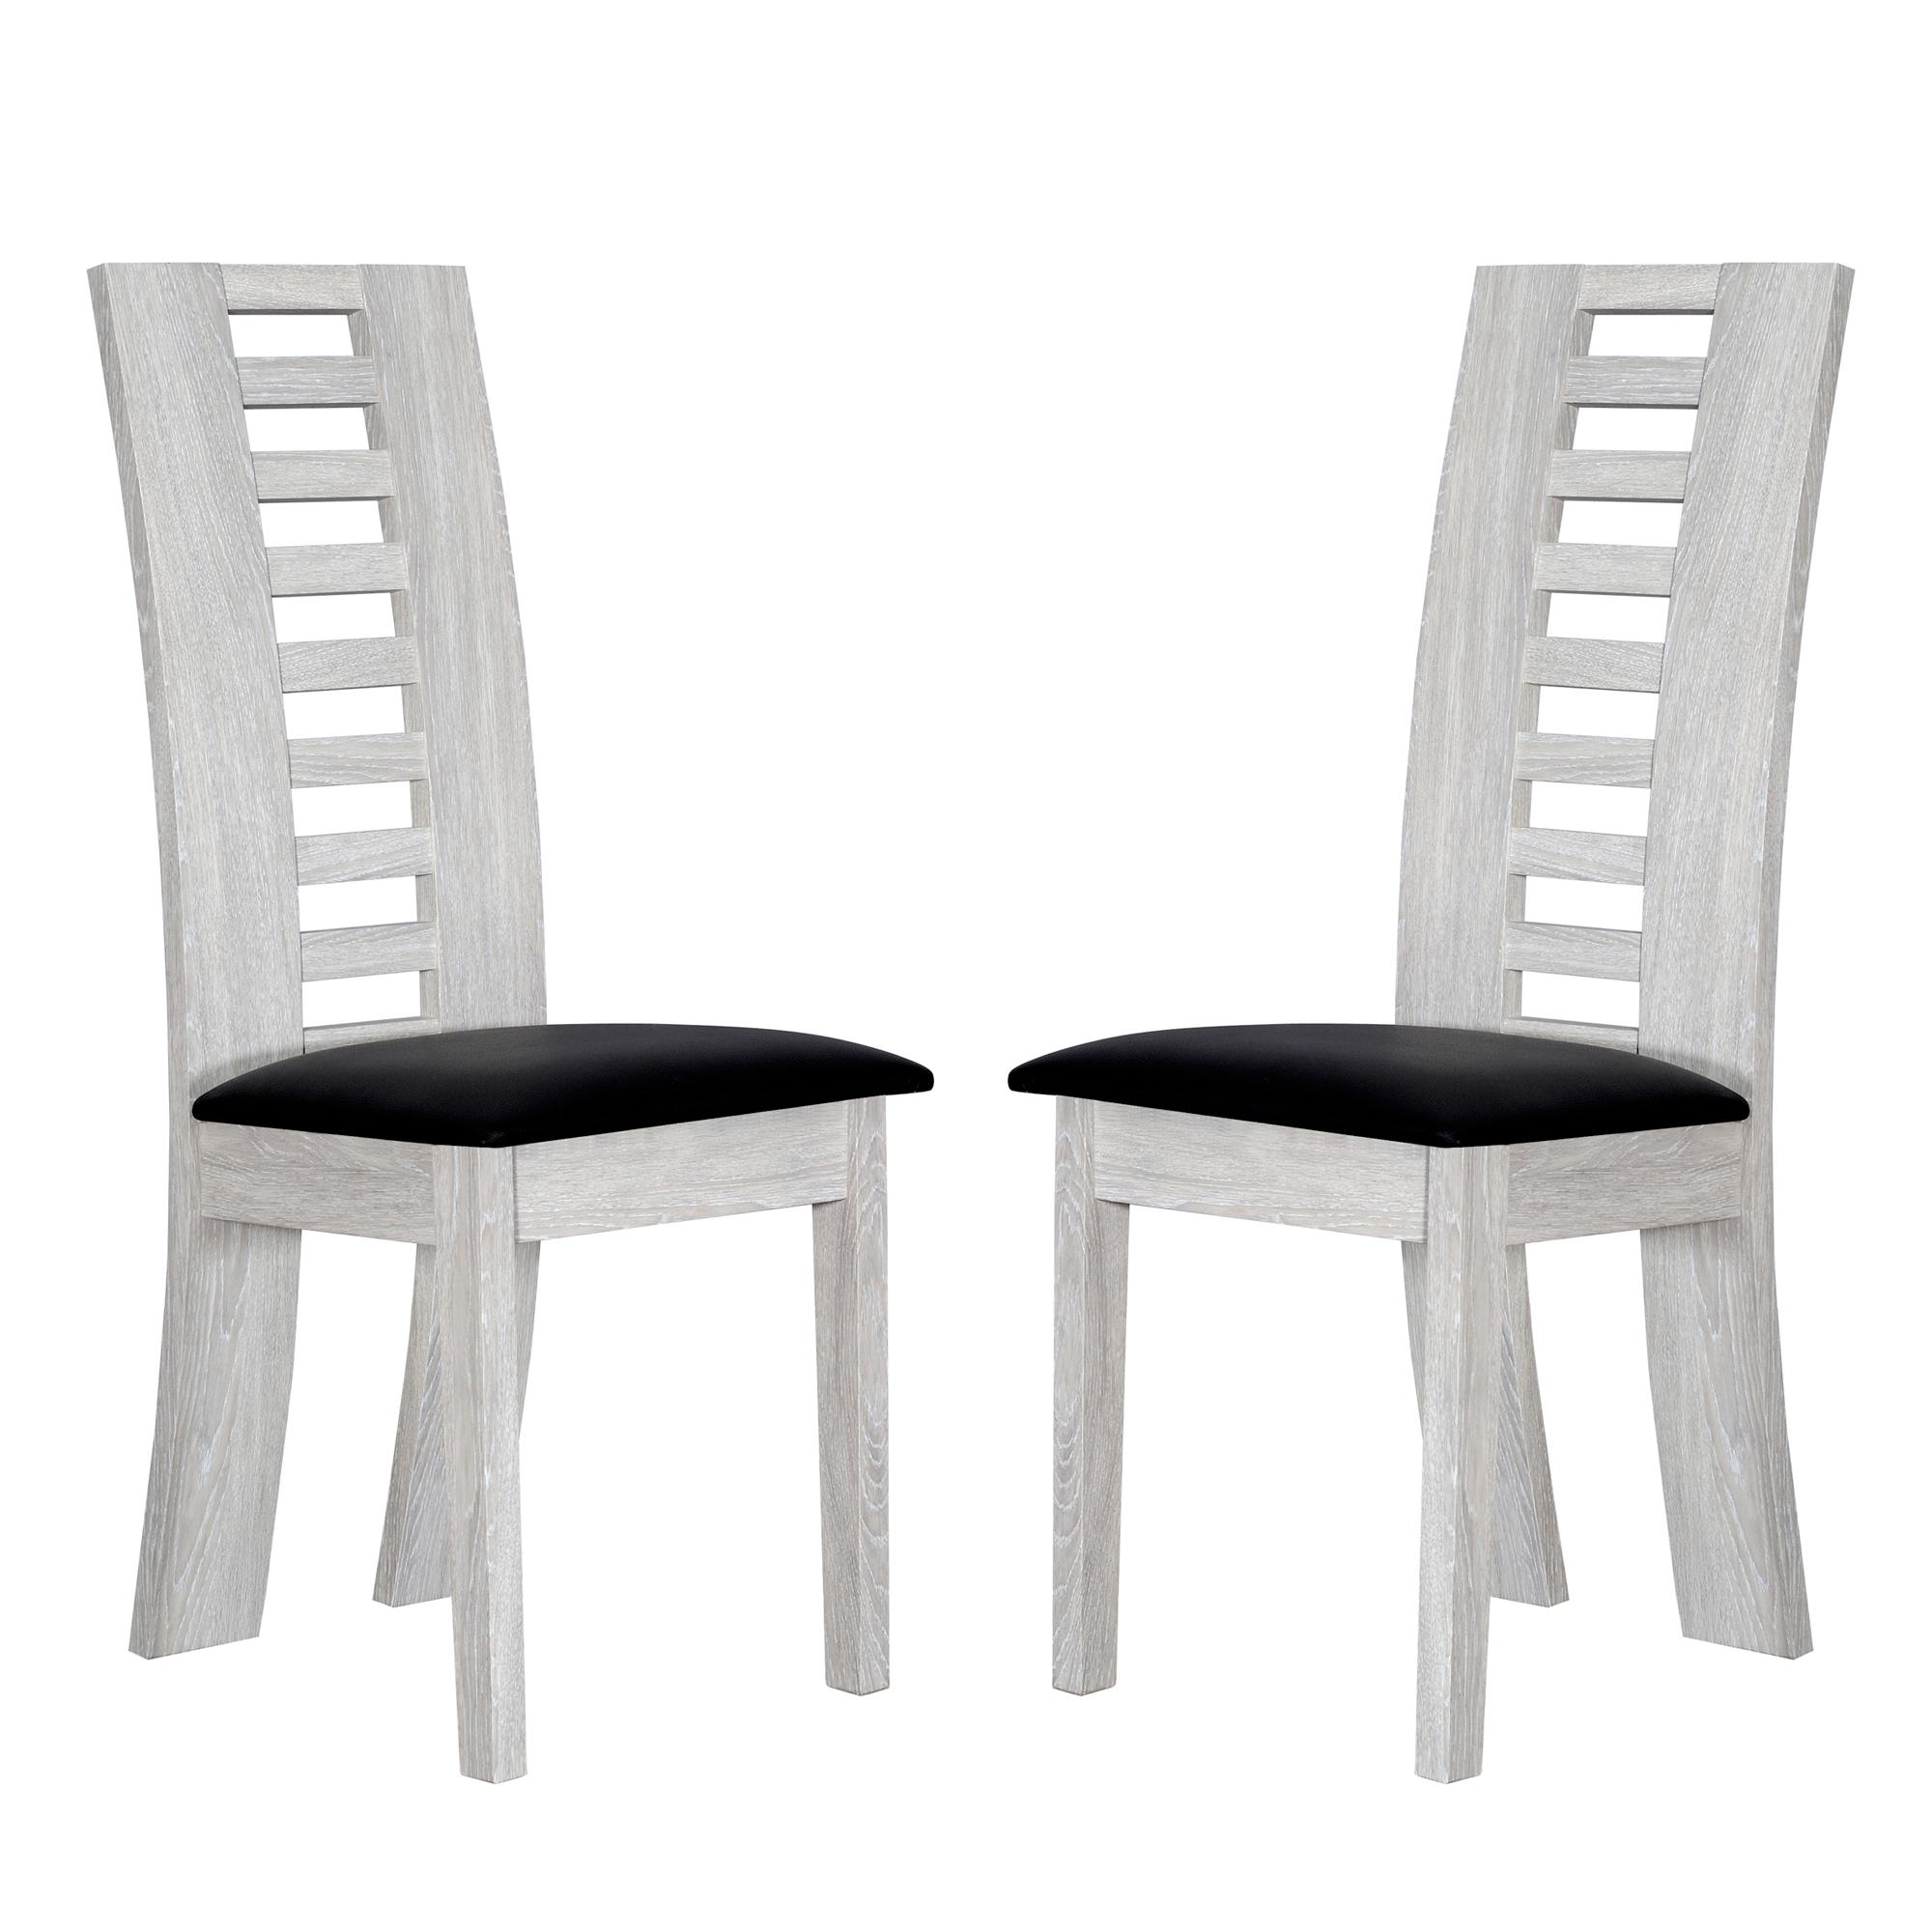 Chaise en rotin conforama chaise et fauteuil en rotin Chaise de salle a manger en rotin pas cher